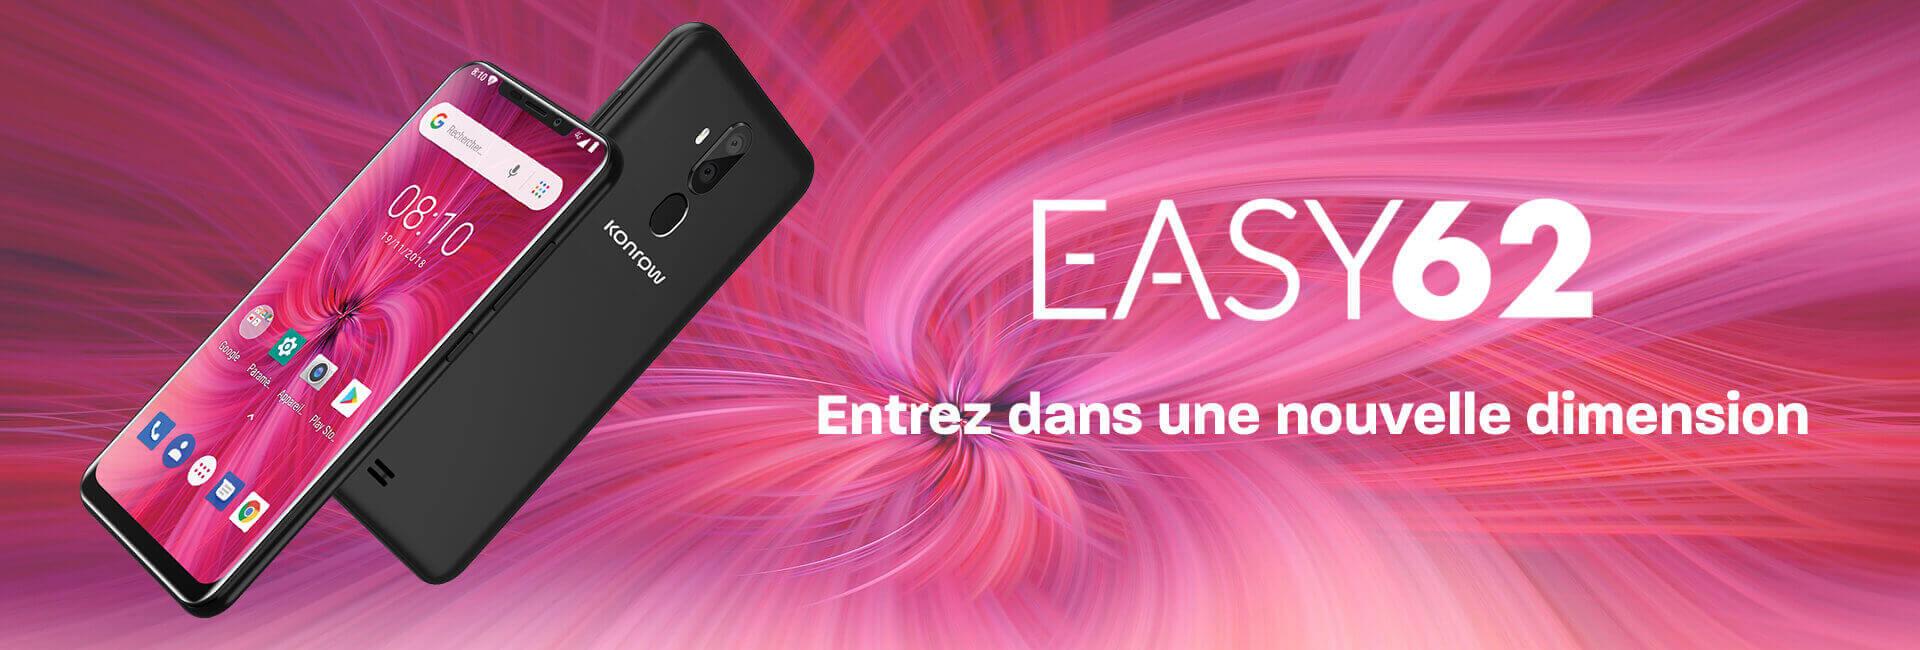 Bandeau Easy62, entrez dans une nouvelle dimension